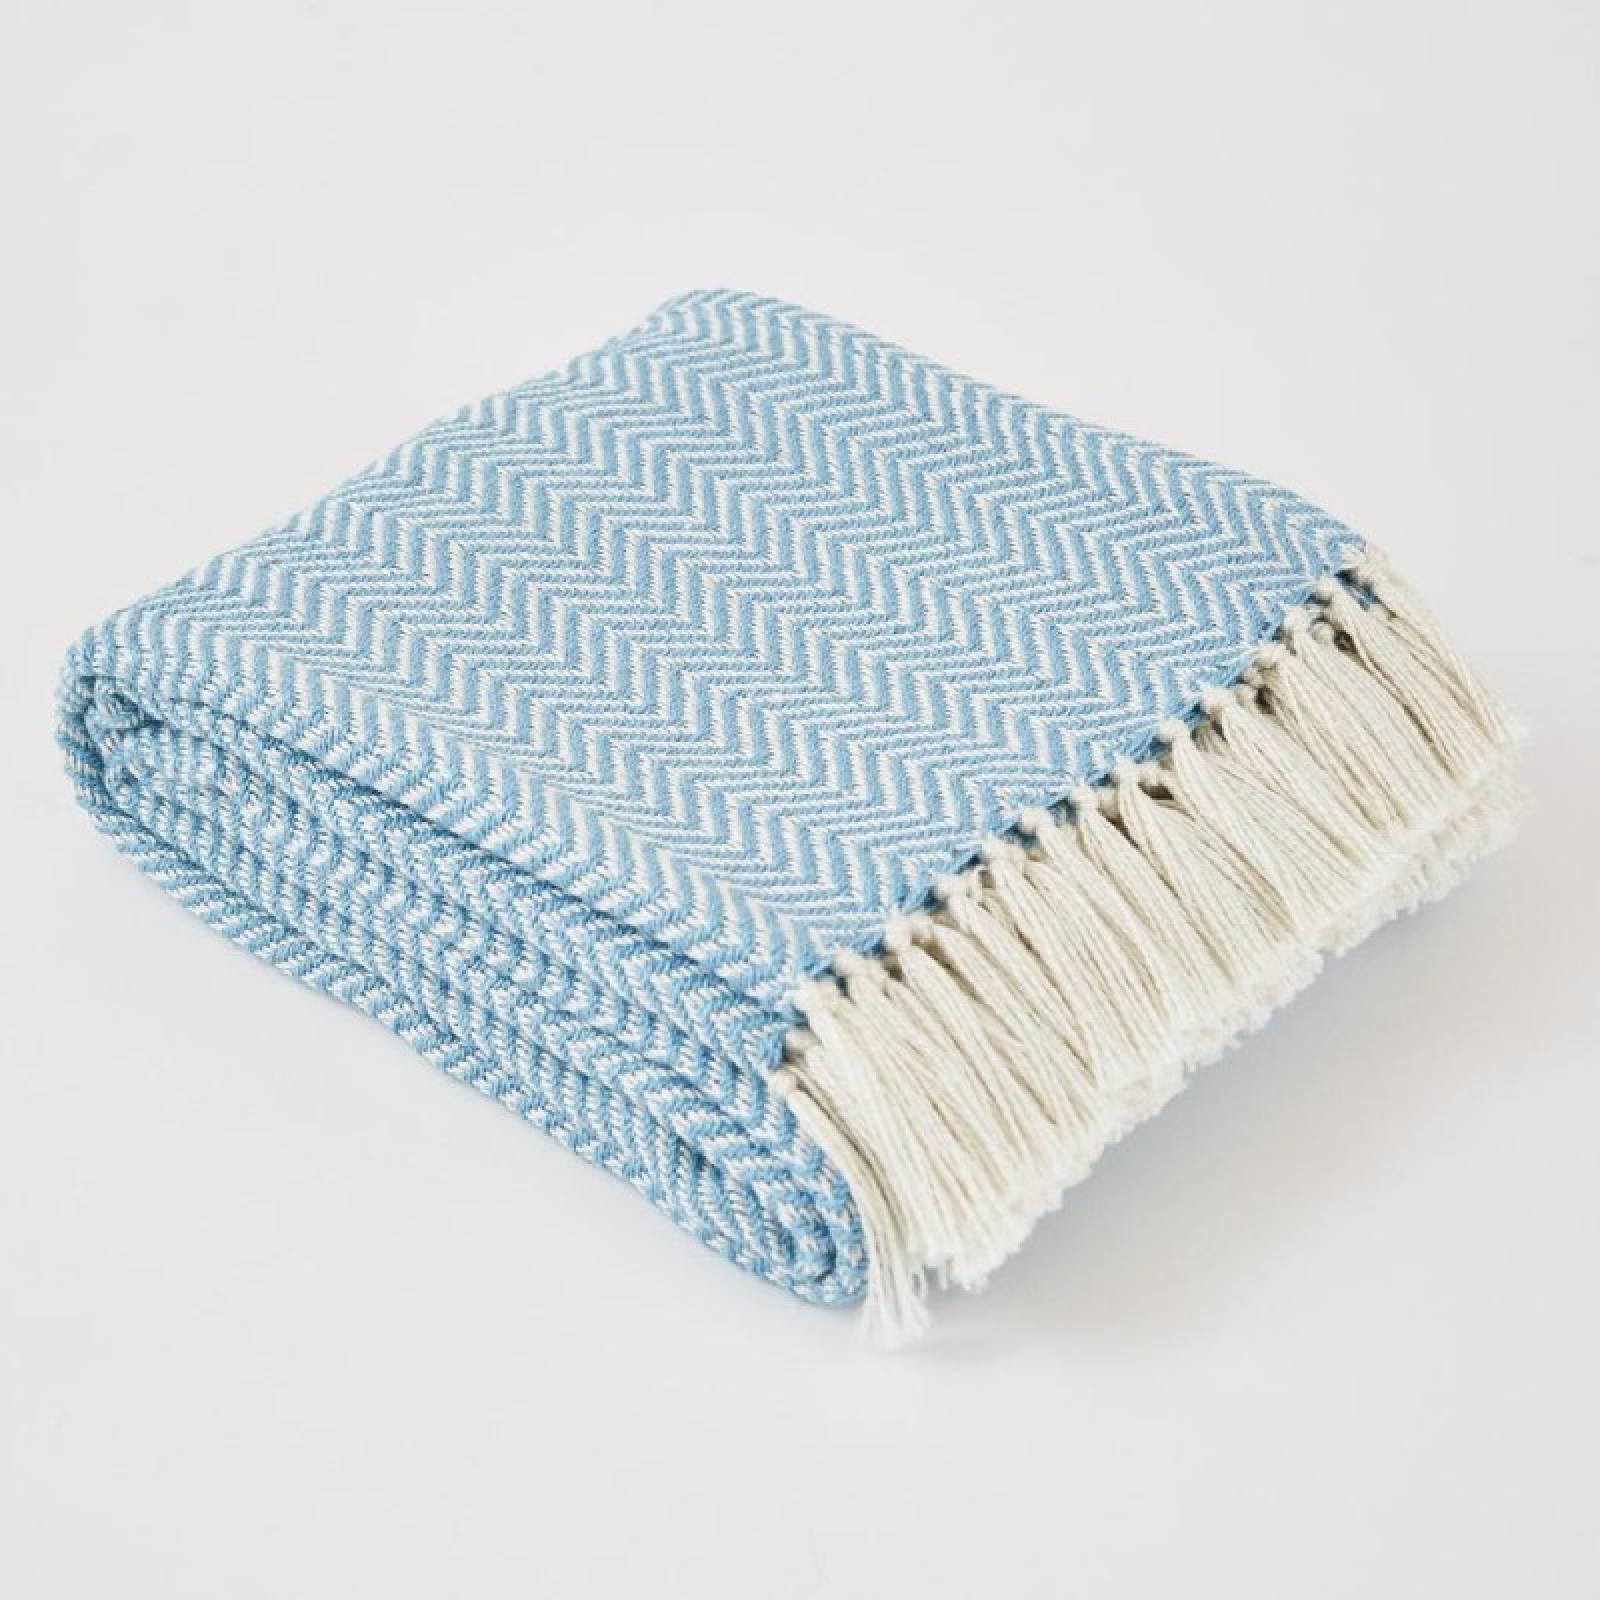 Azure Herringbone Blanket - Made From Recycled Plastic Bottles